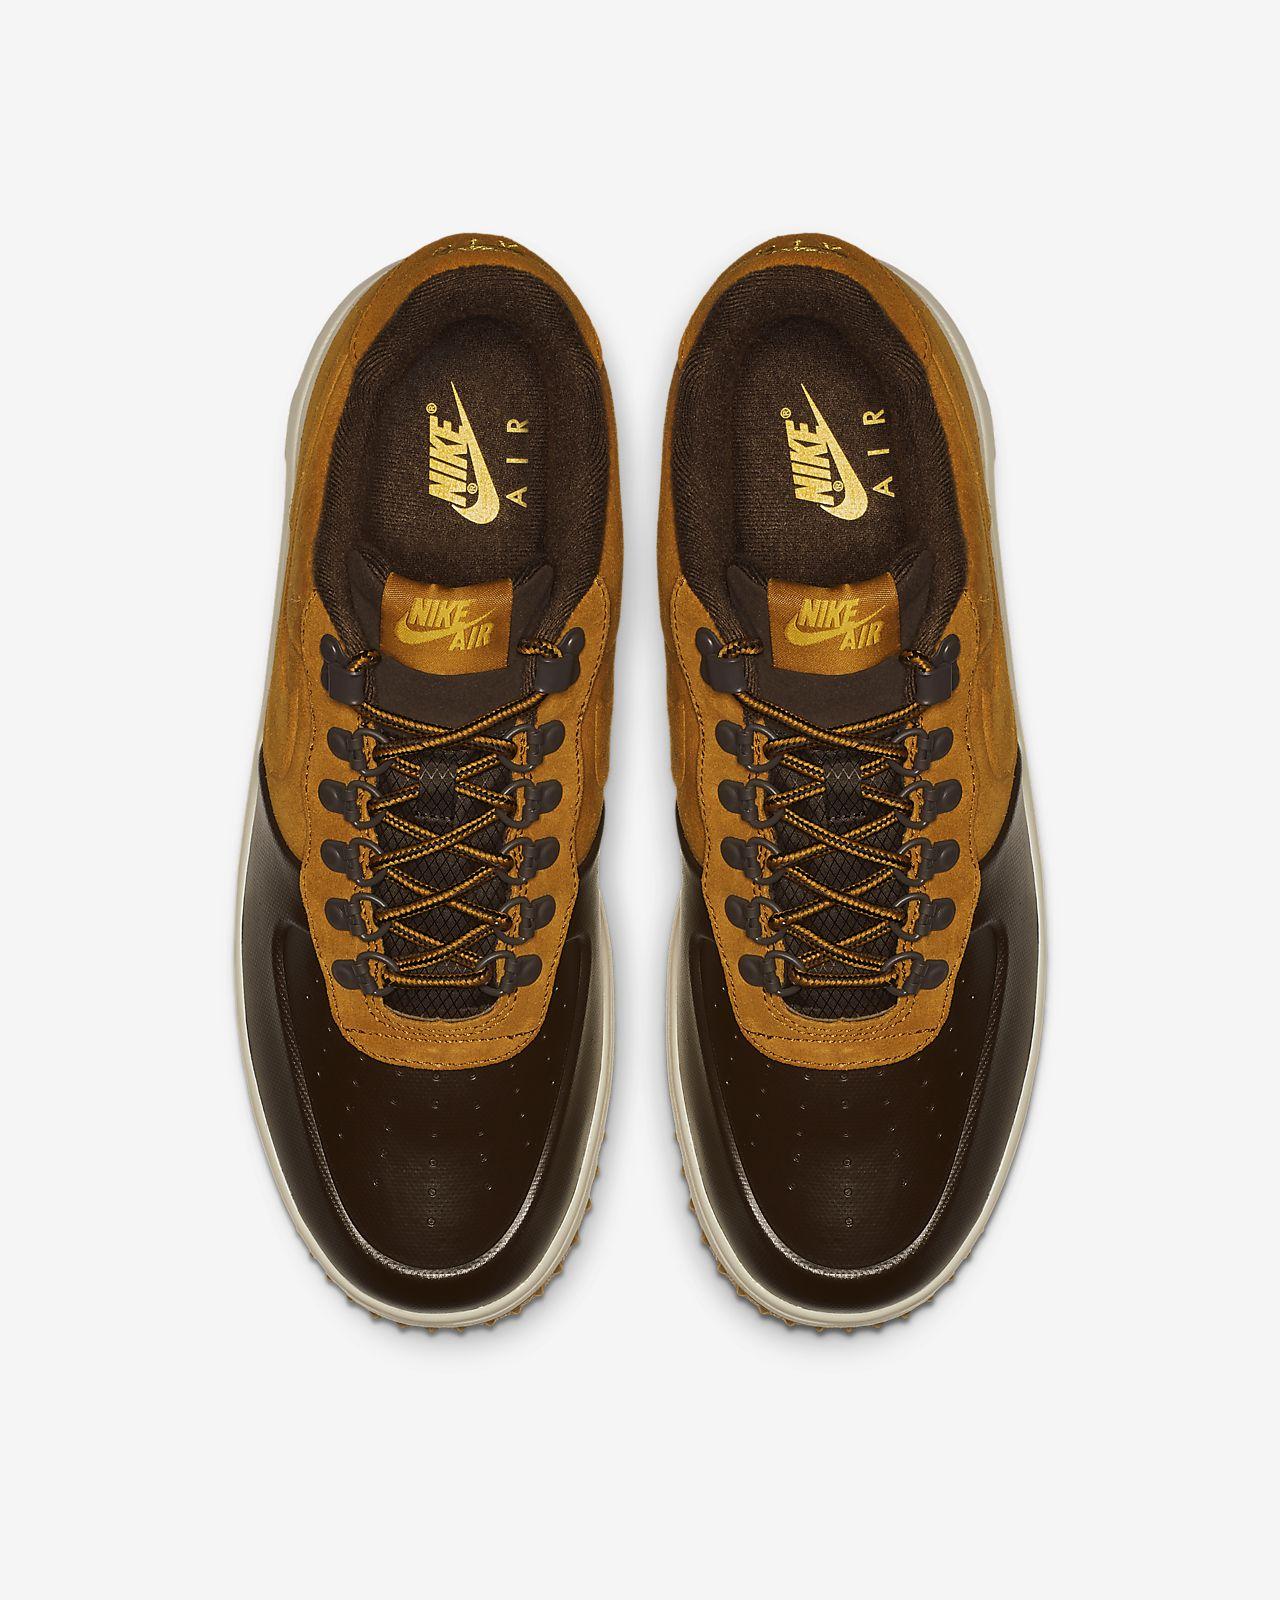 5e7e5a8488f5 Nike Lunar Force 1 Duckboot Low Men s Shoe. Nike.com